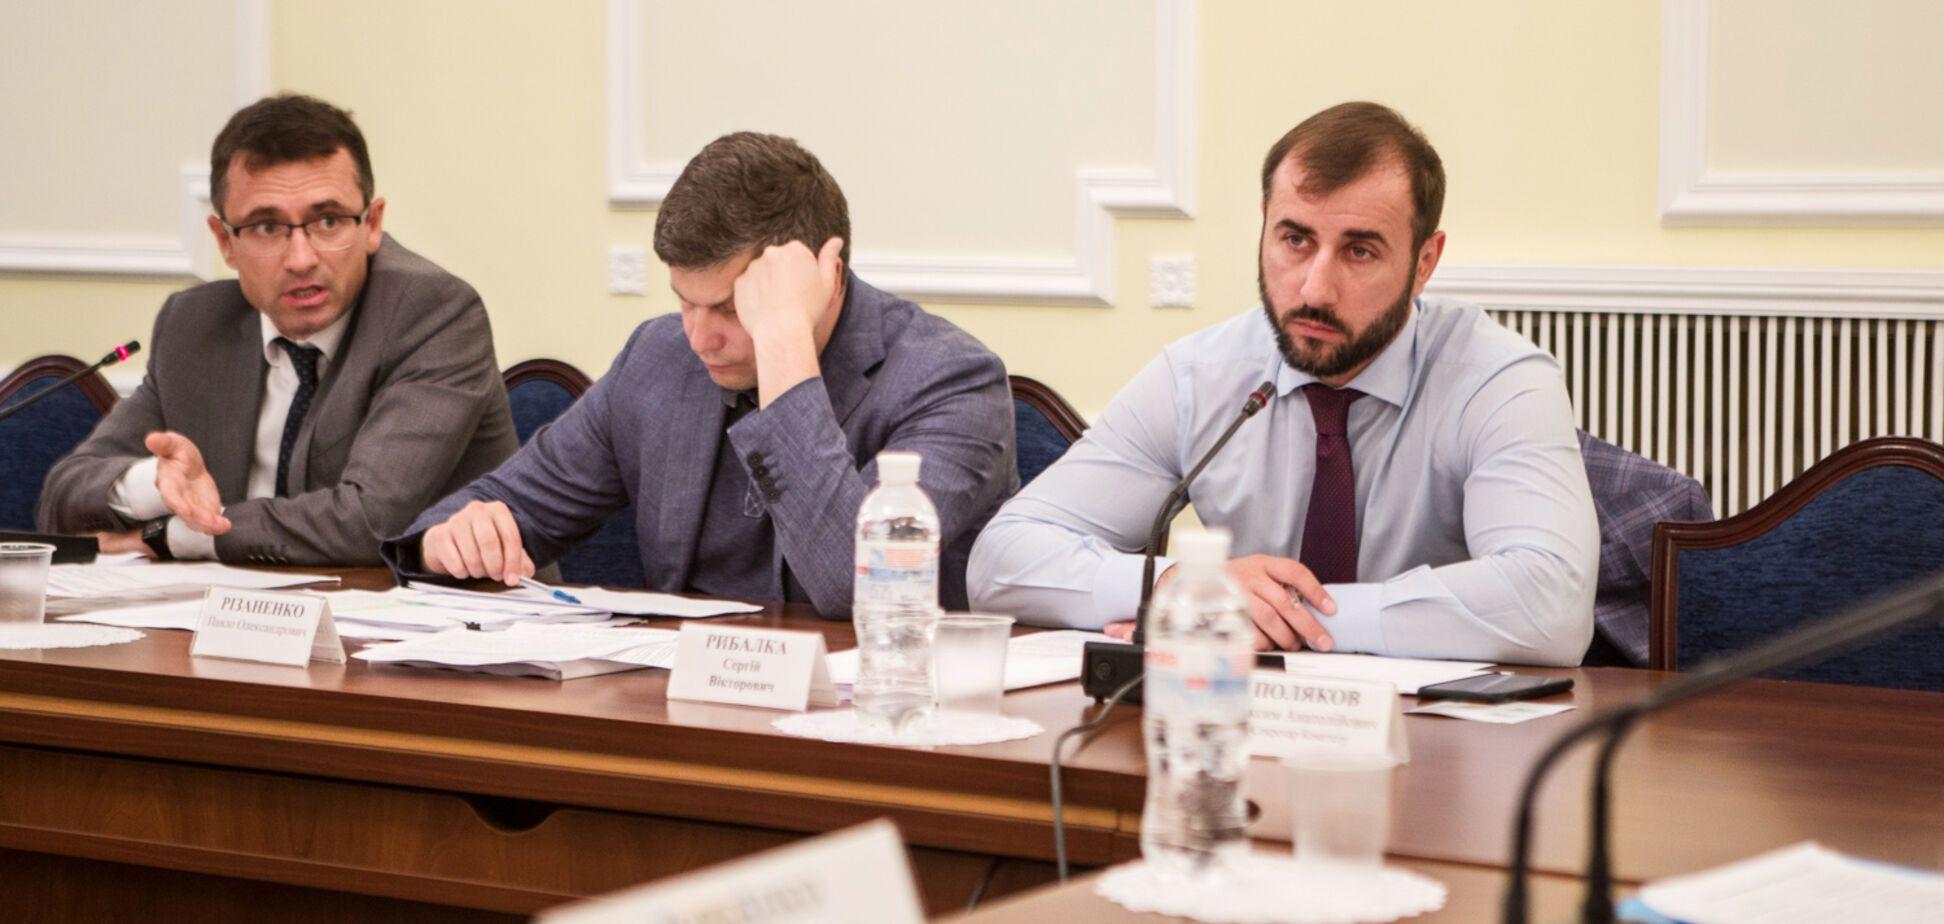 Сергей Рыбалка рассказал, что поможет уменьшить стоимость кредитов